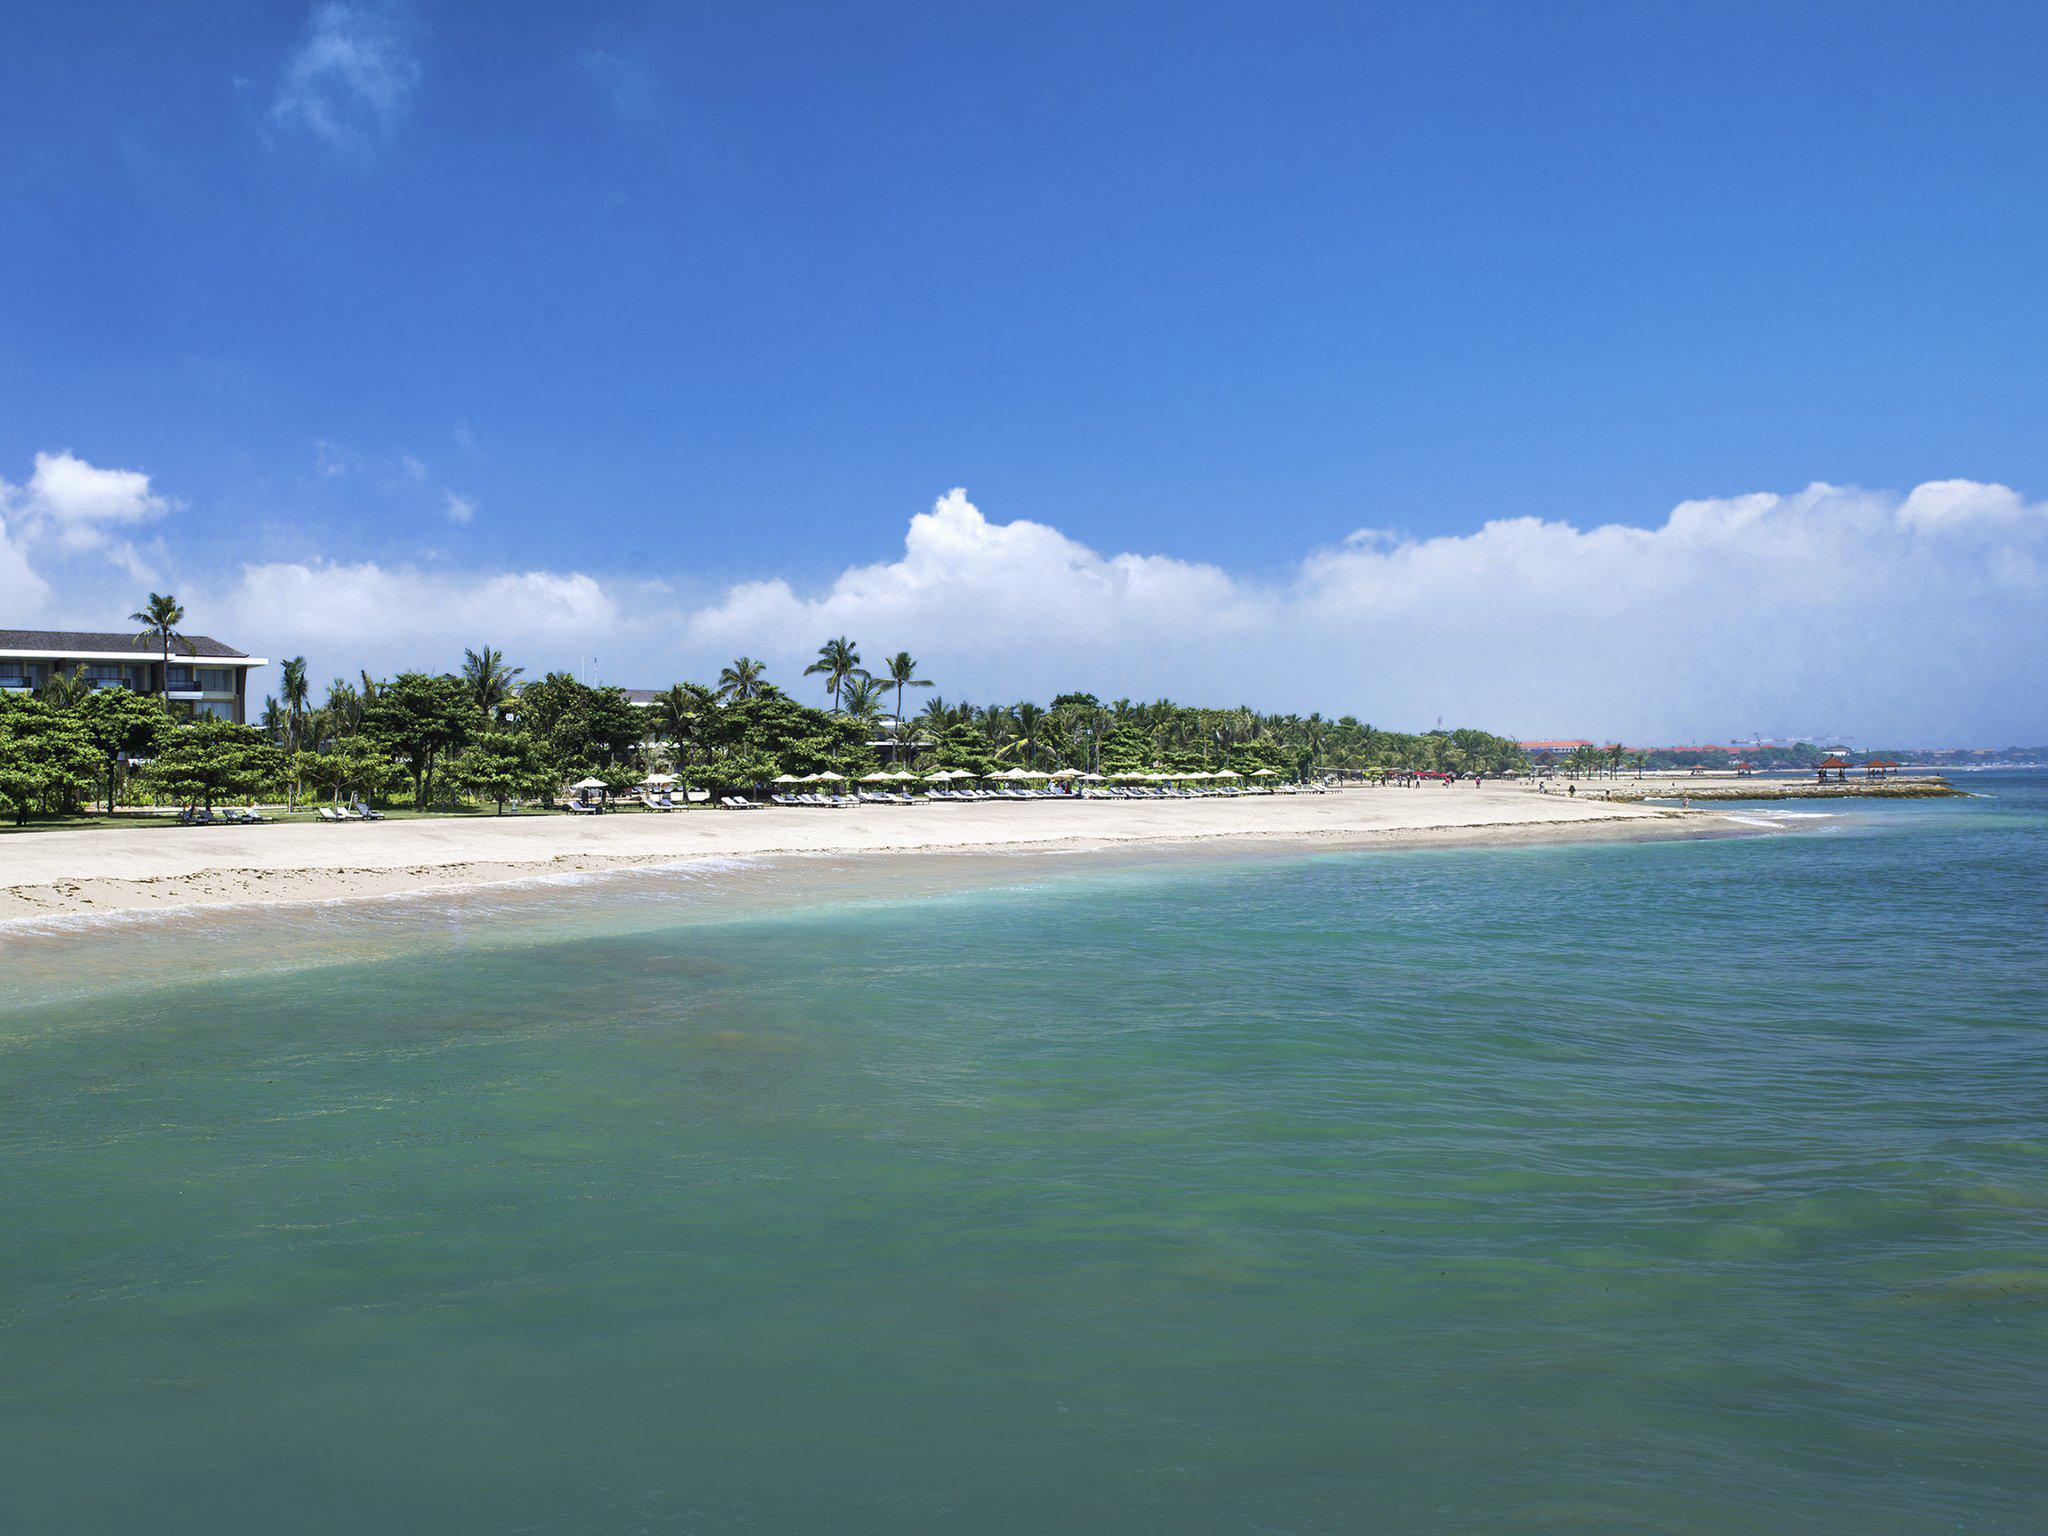 пожелать пляж нуса дуа бали фото туристов органического хлопка